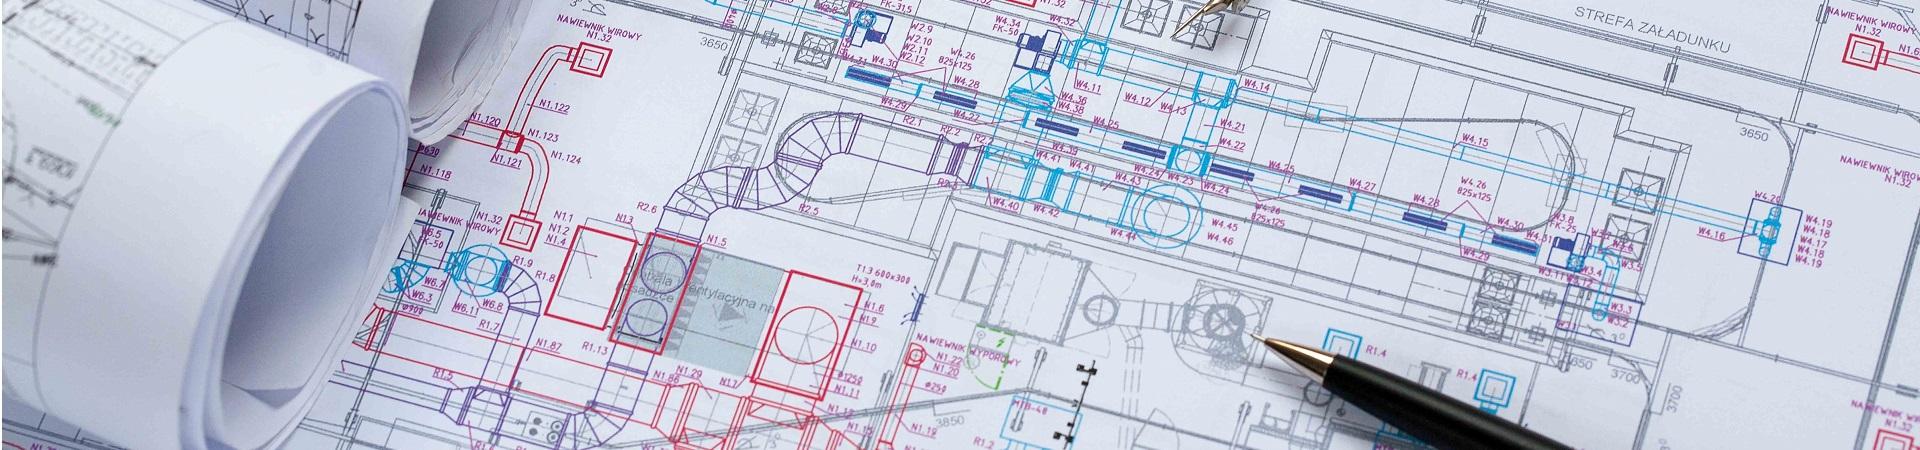 III Warsztaty projektanta i rzeczoznawcy instalacji i sieci sanitarnych, 18-19.11.2021